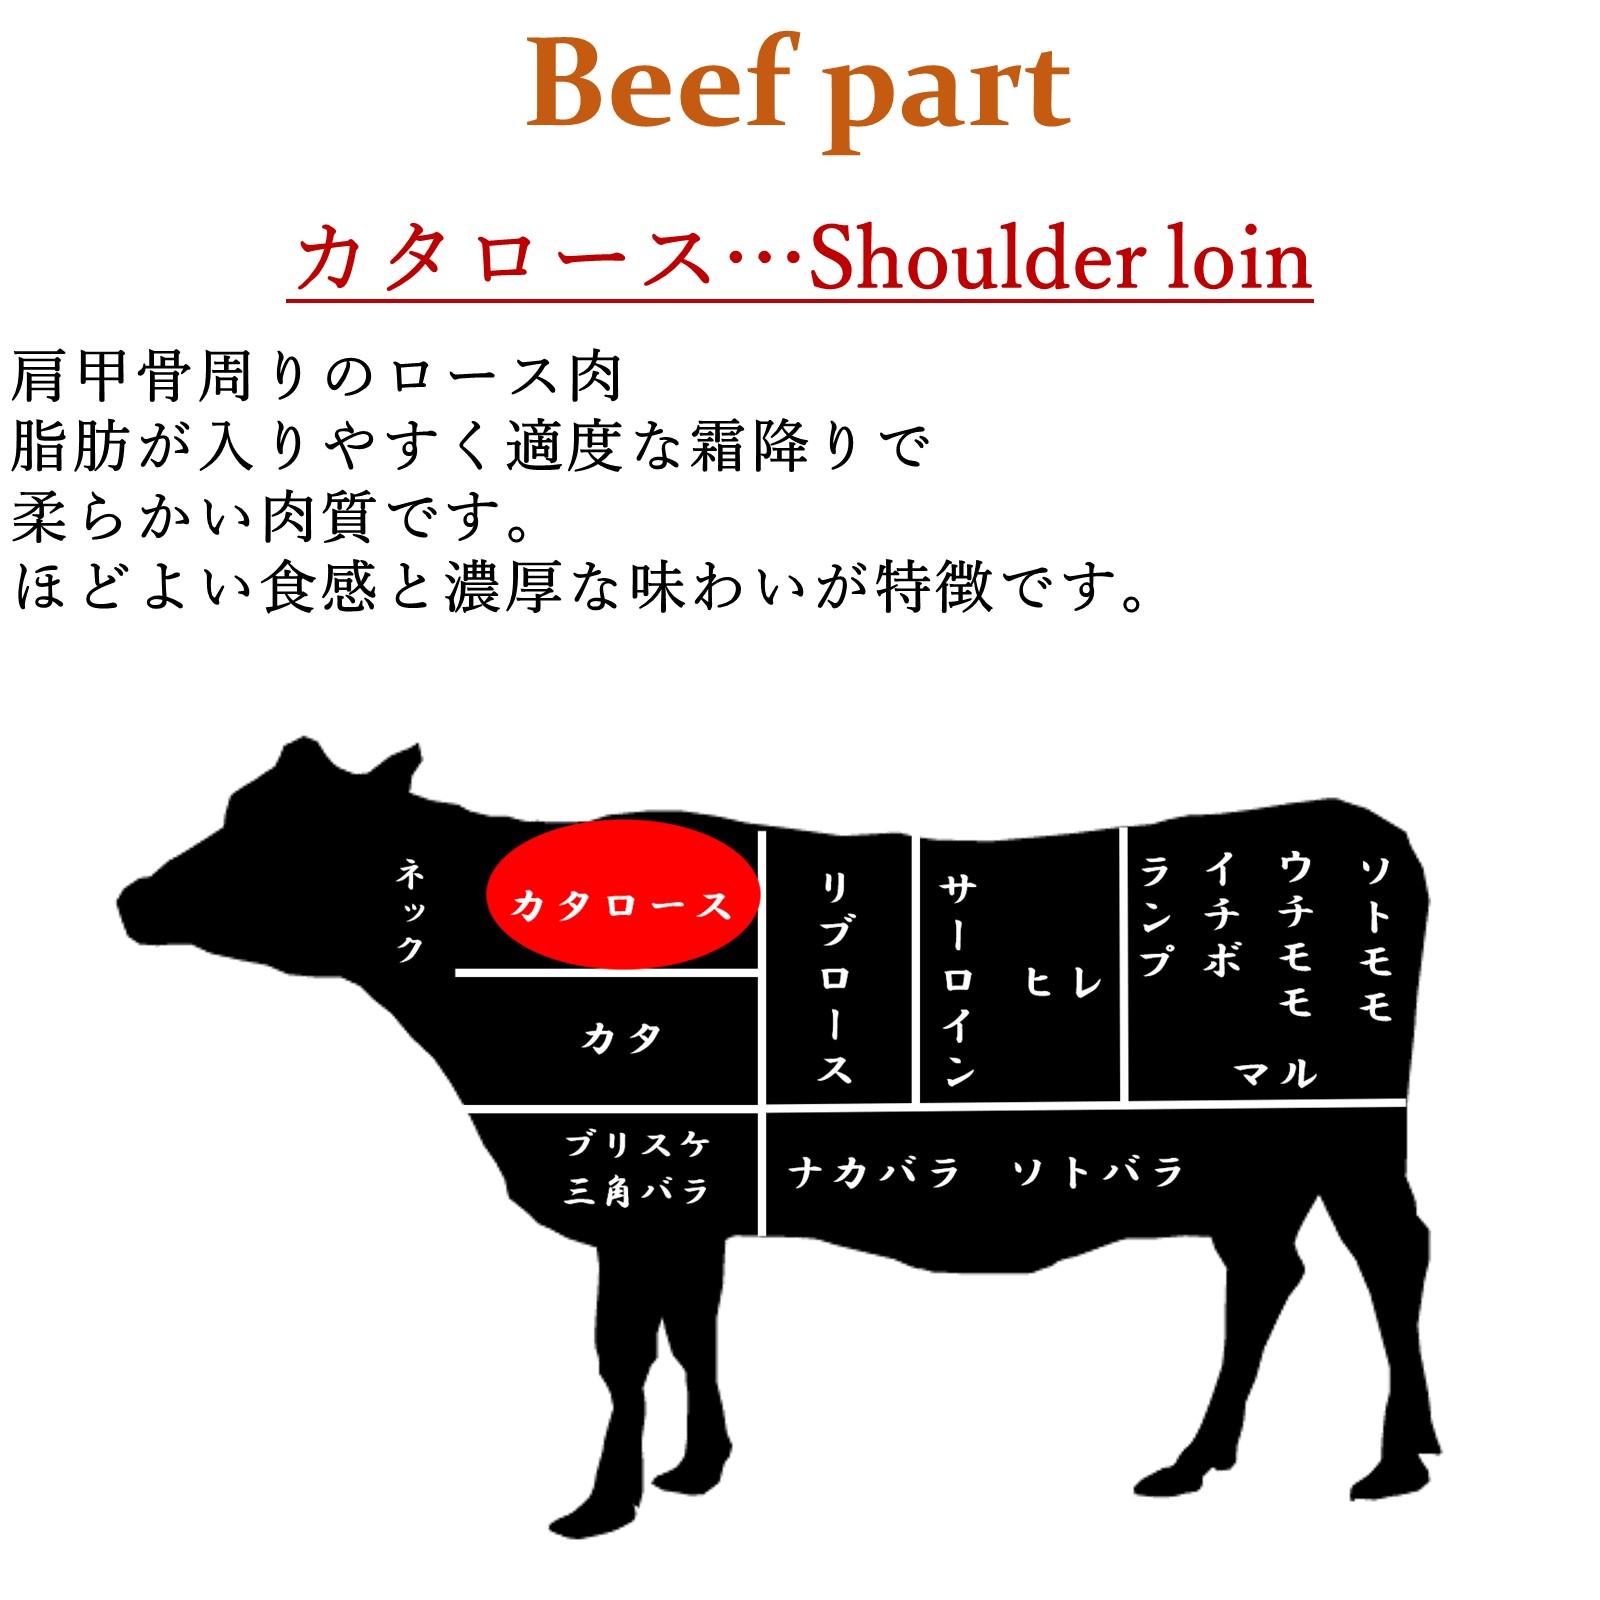 【今月のお買い得】氷温熟成 神戸牛切り落とし 肩ロース肉400g